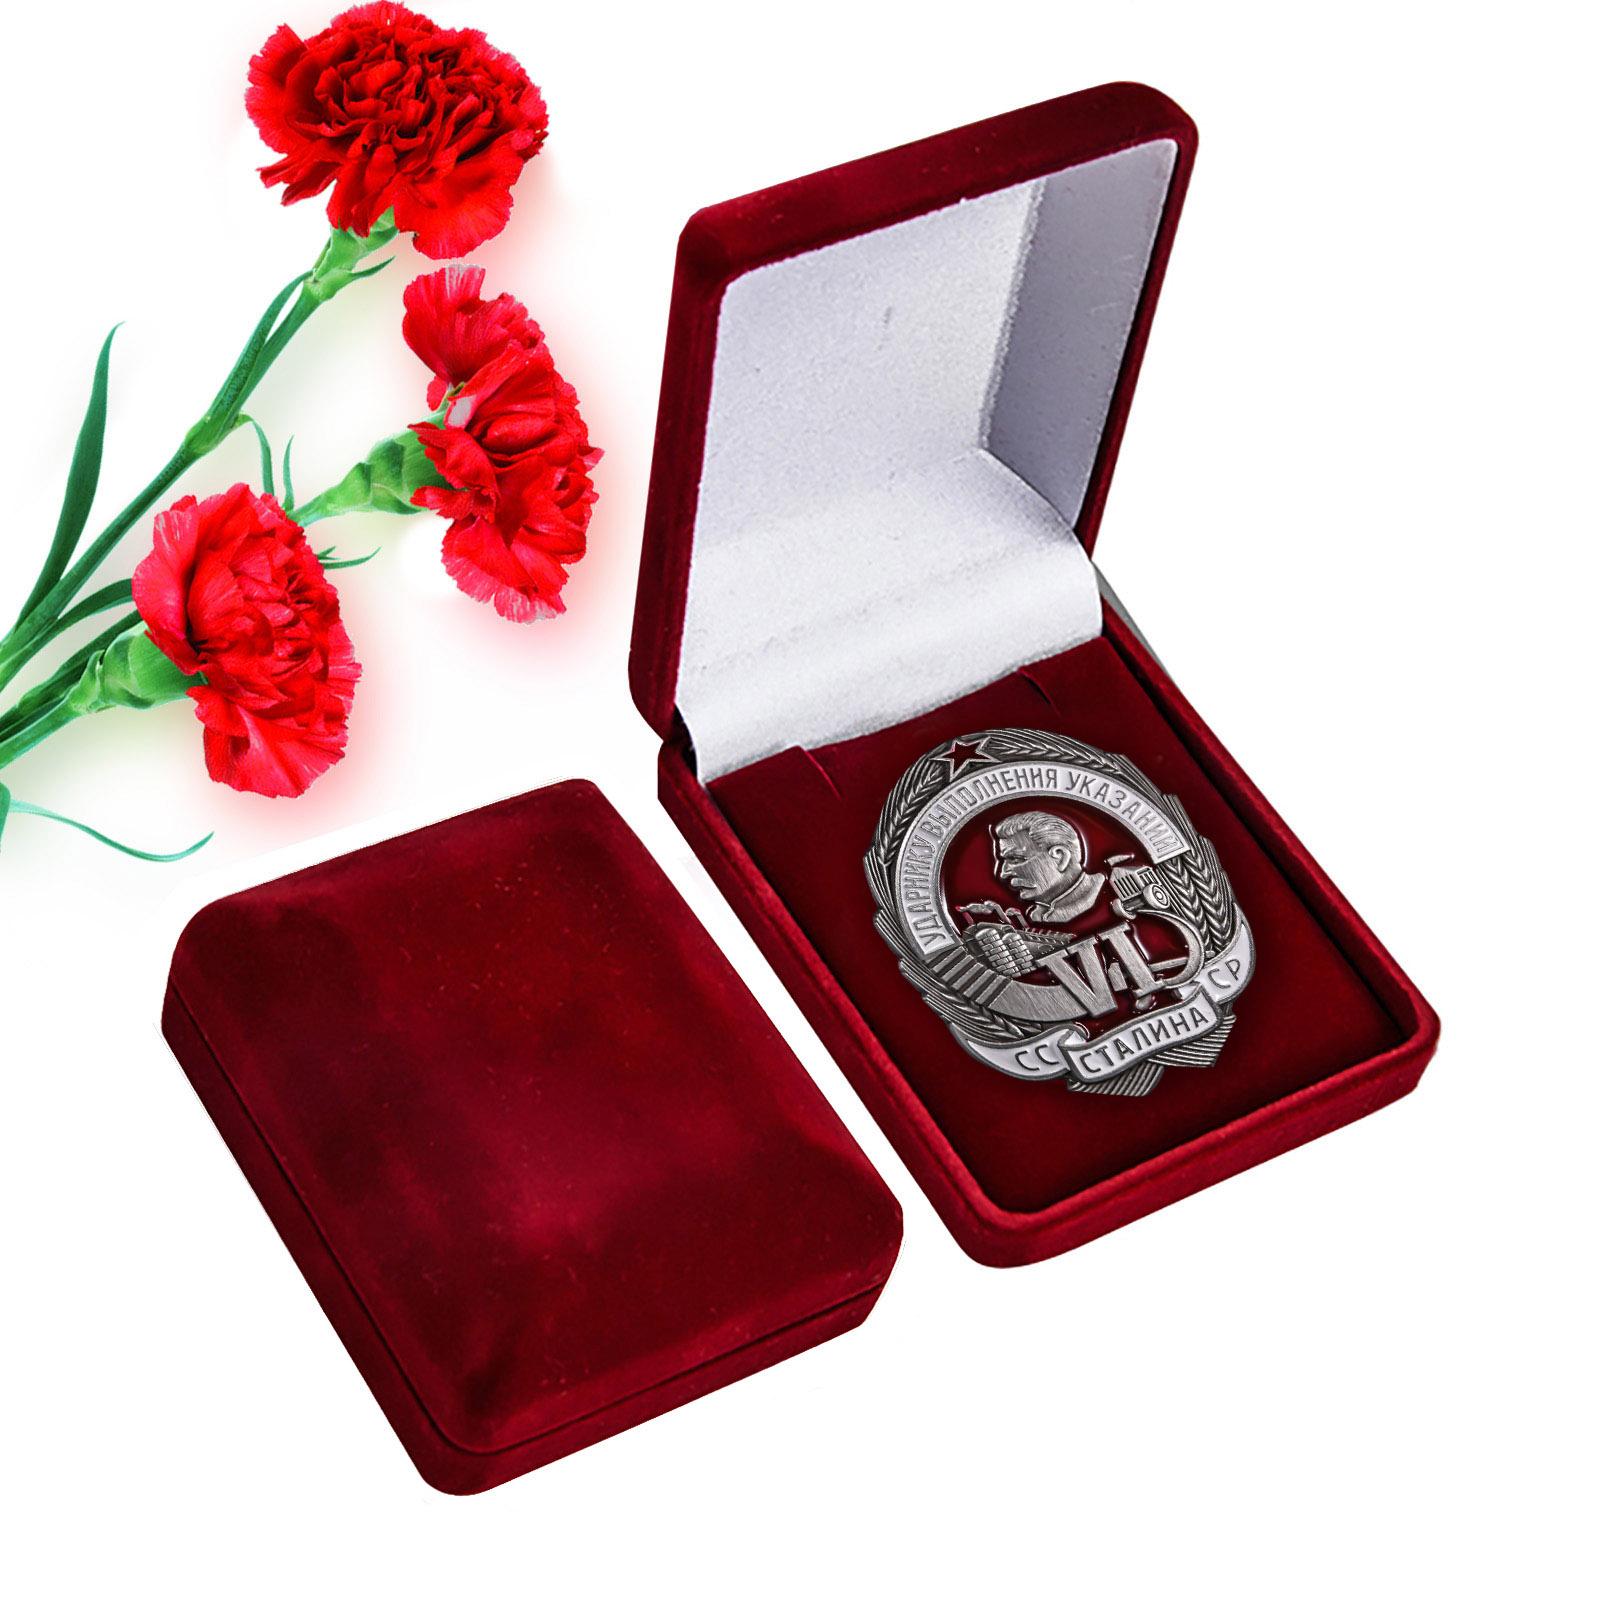 Купить памятный знак Ударнику выполнения VI указаний Сталина в подарок